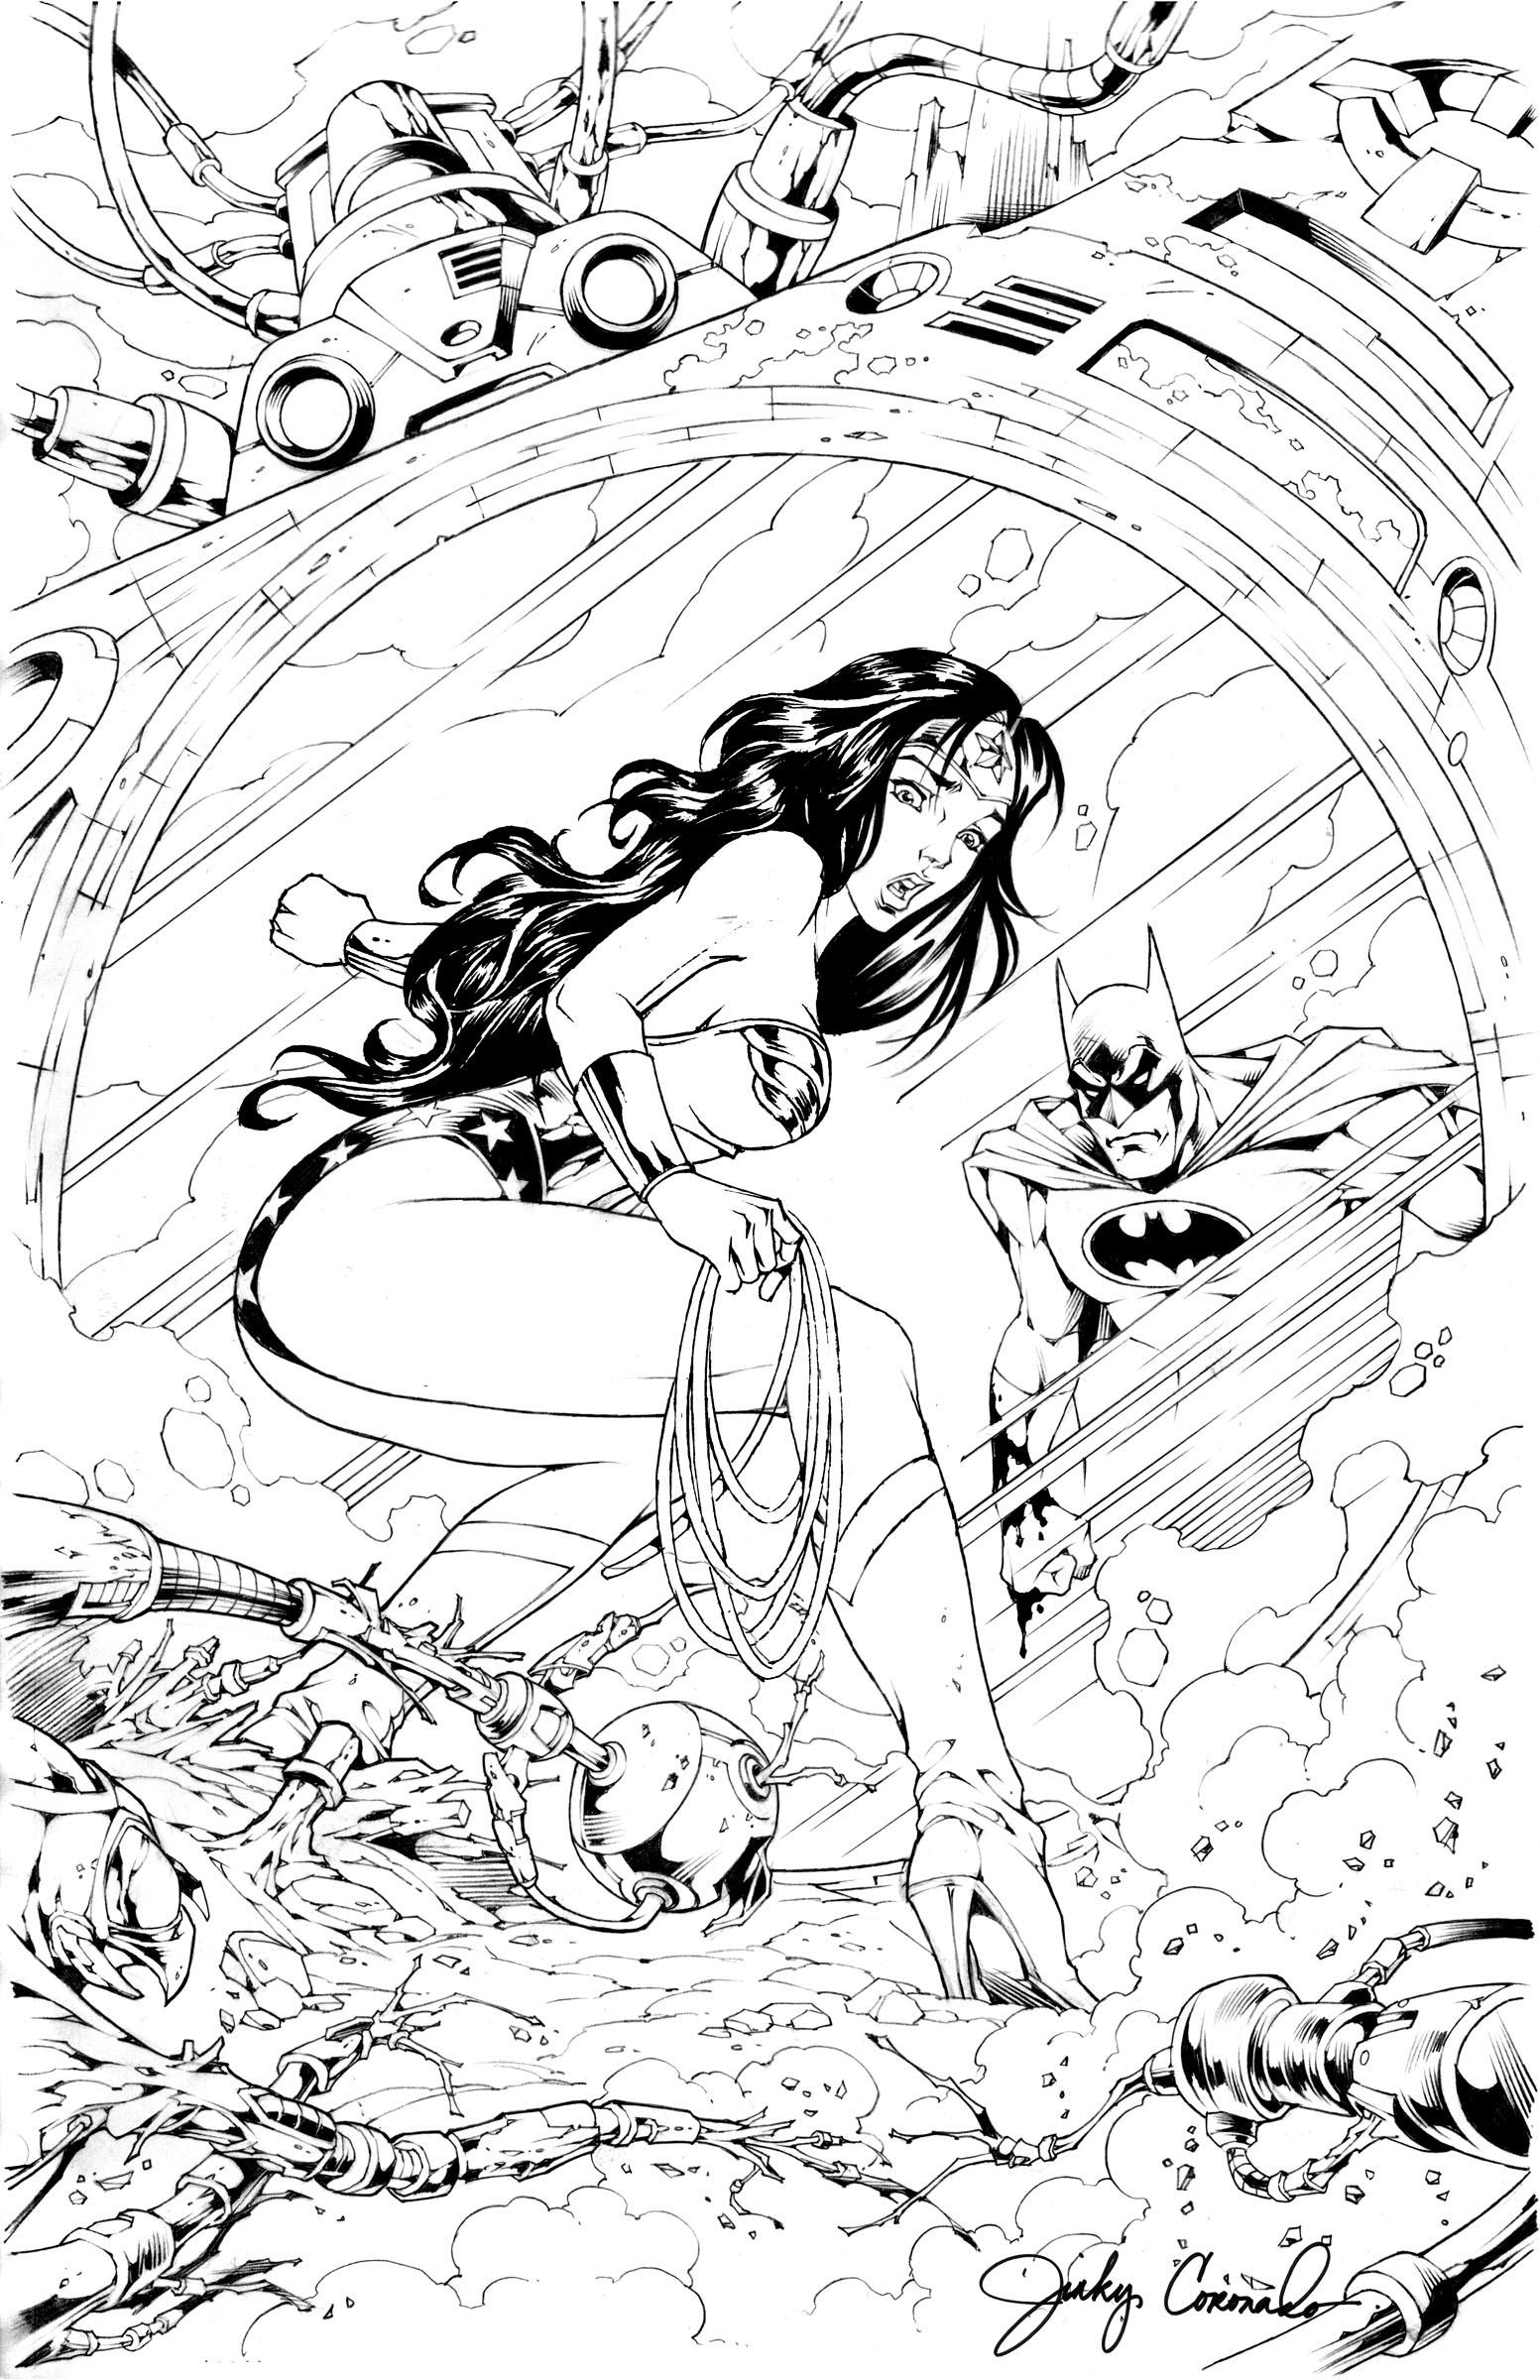 WONDER WOMAN & BATMAN! by Jinky Coronado